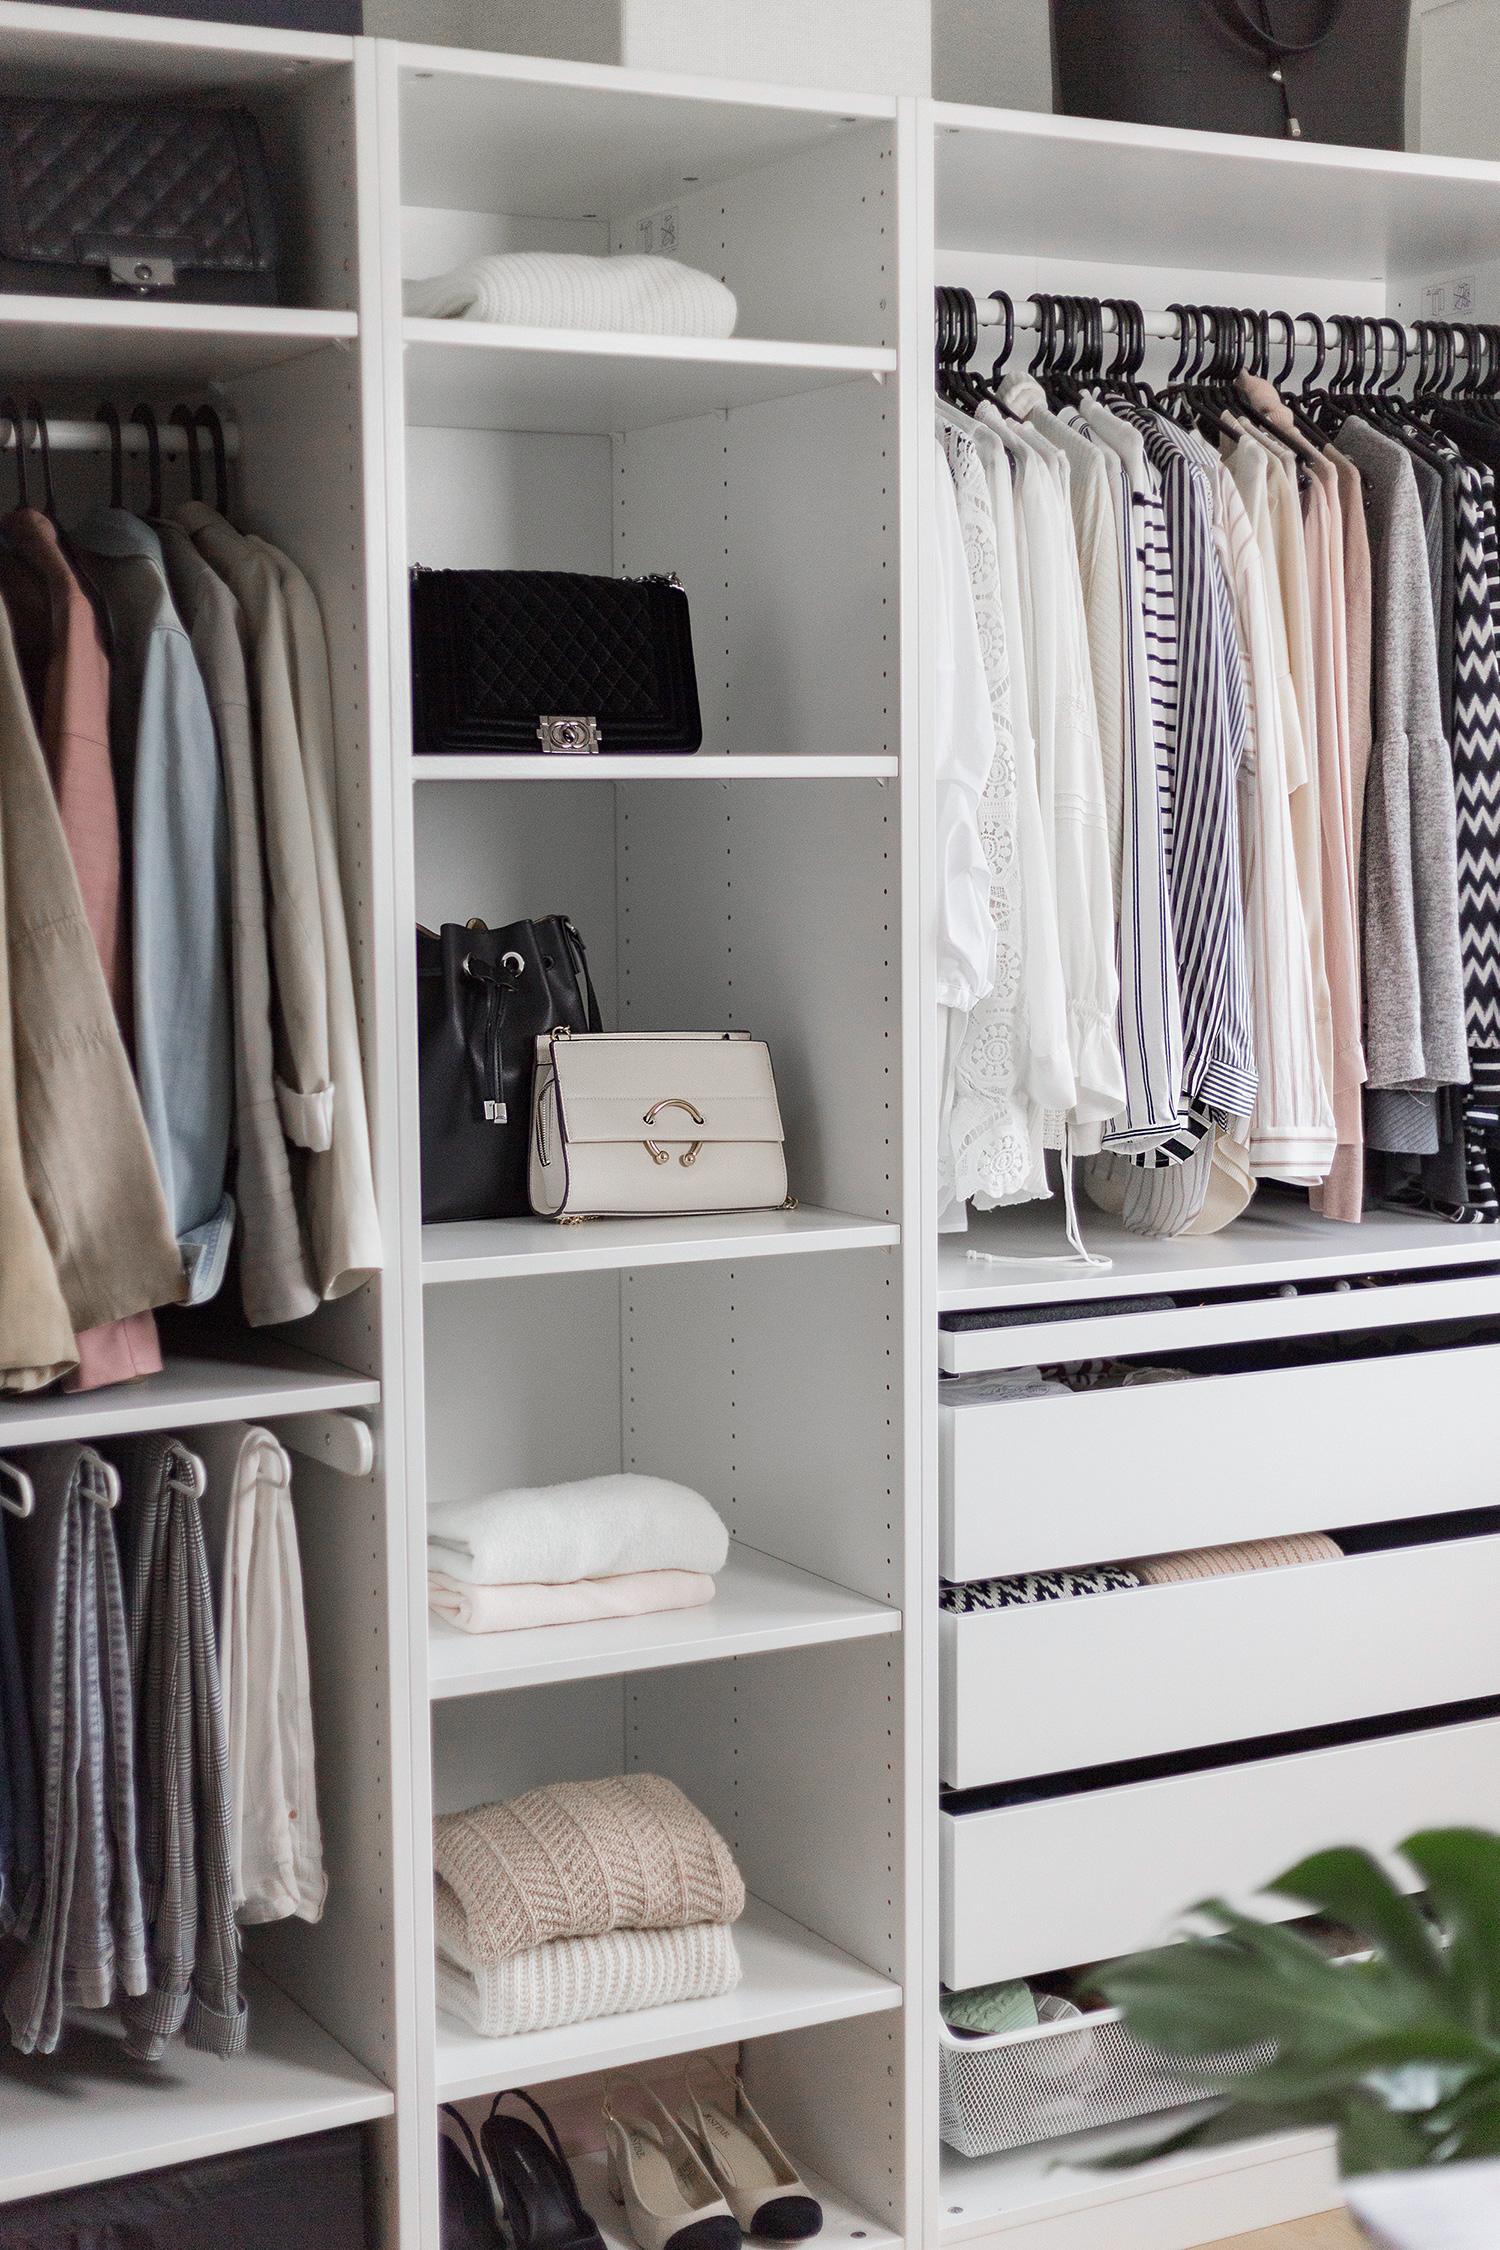 Kleiderschrank aufräumen, Tipps, Ordnungsmethoden, Kleidung ausmisten, Ankleidezimmer, bezauberndenana.de